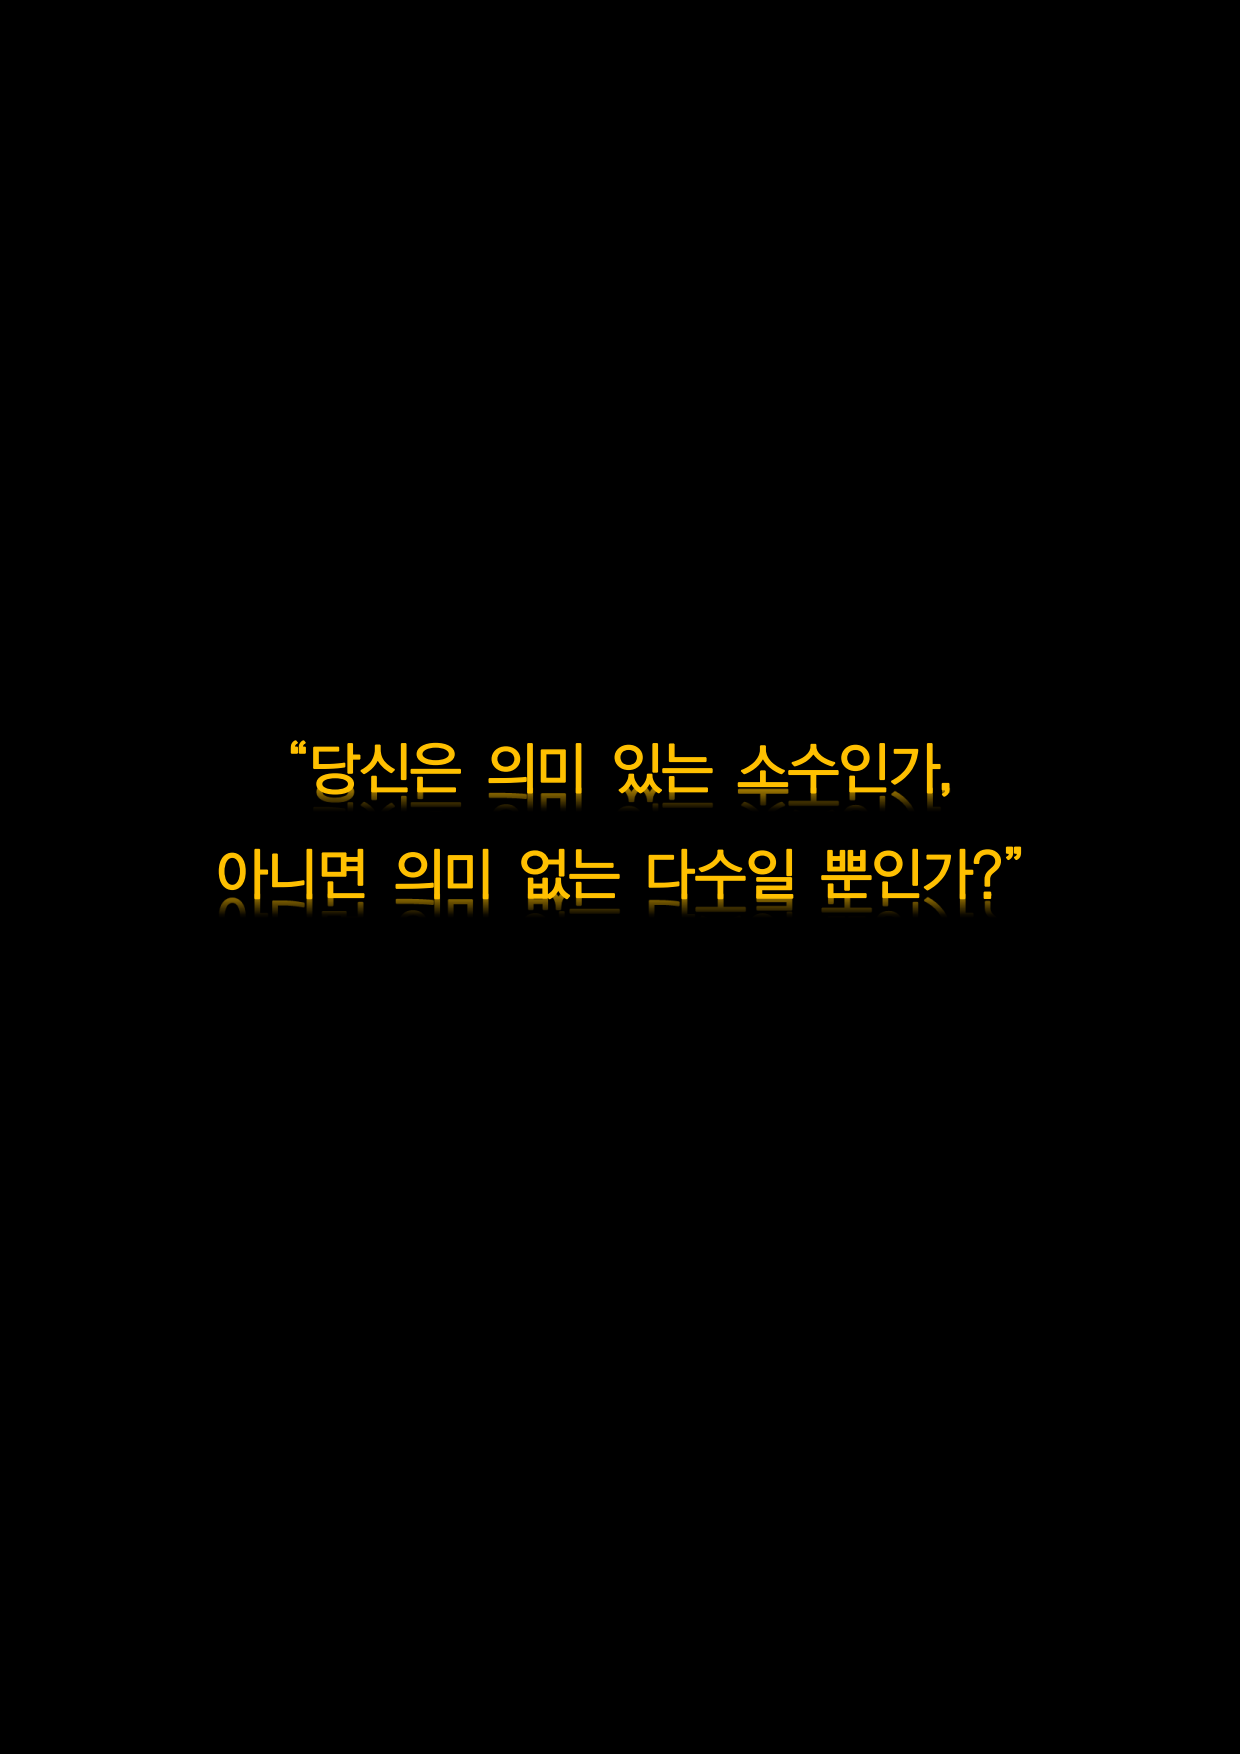 본 머티리어 1회차 홍보글(폰트 포함)_11.png